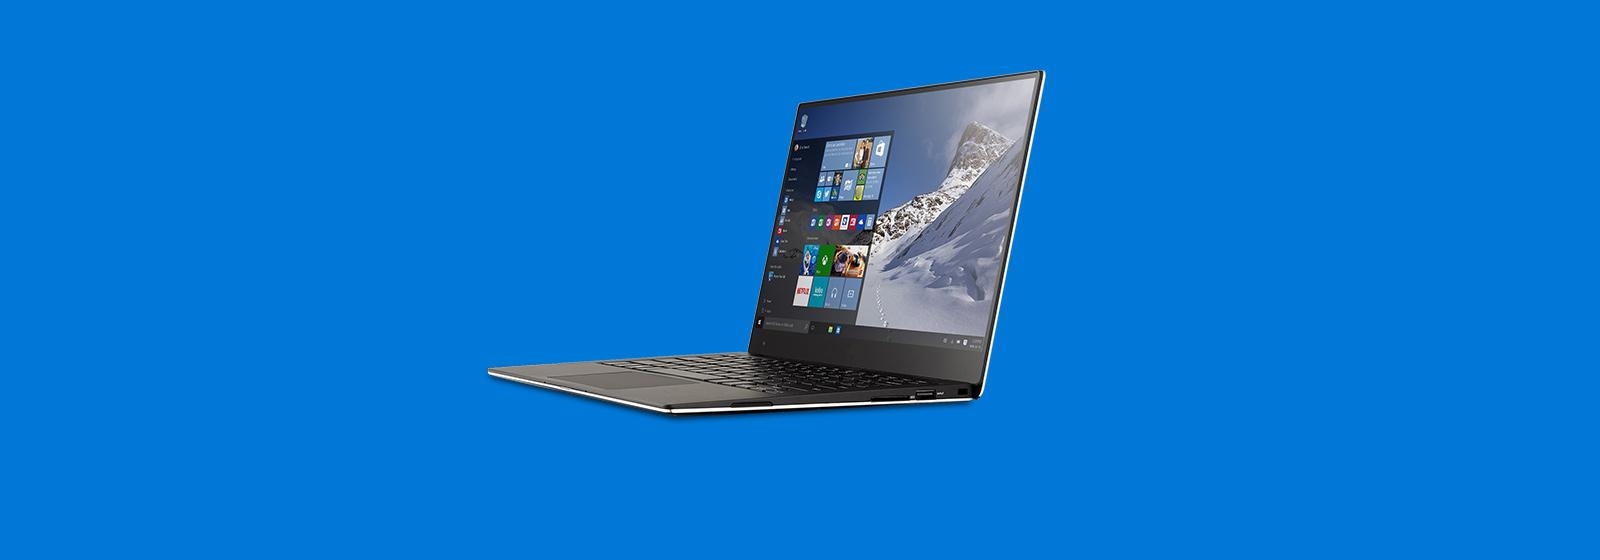 Windows 10 prichádza. Zistite viac.